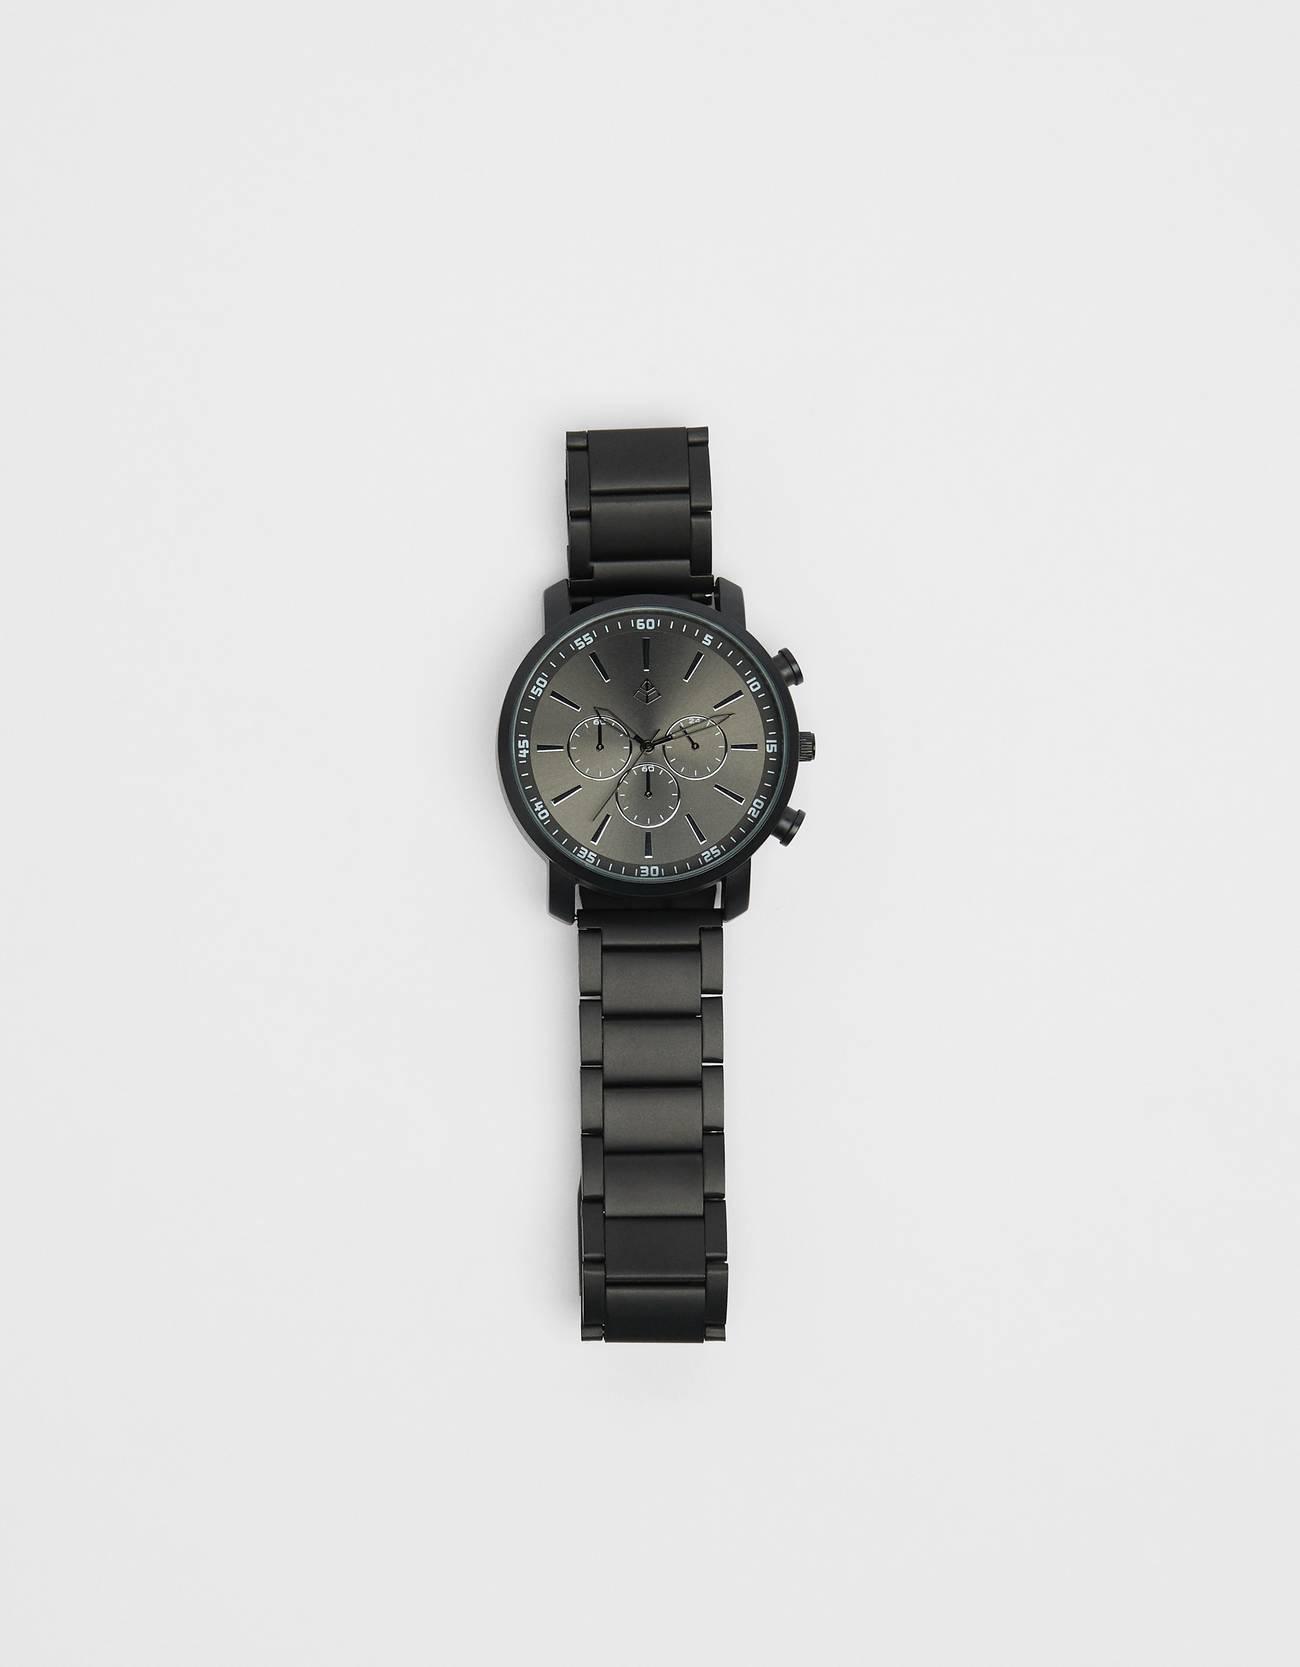 Reloj analógico.